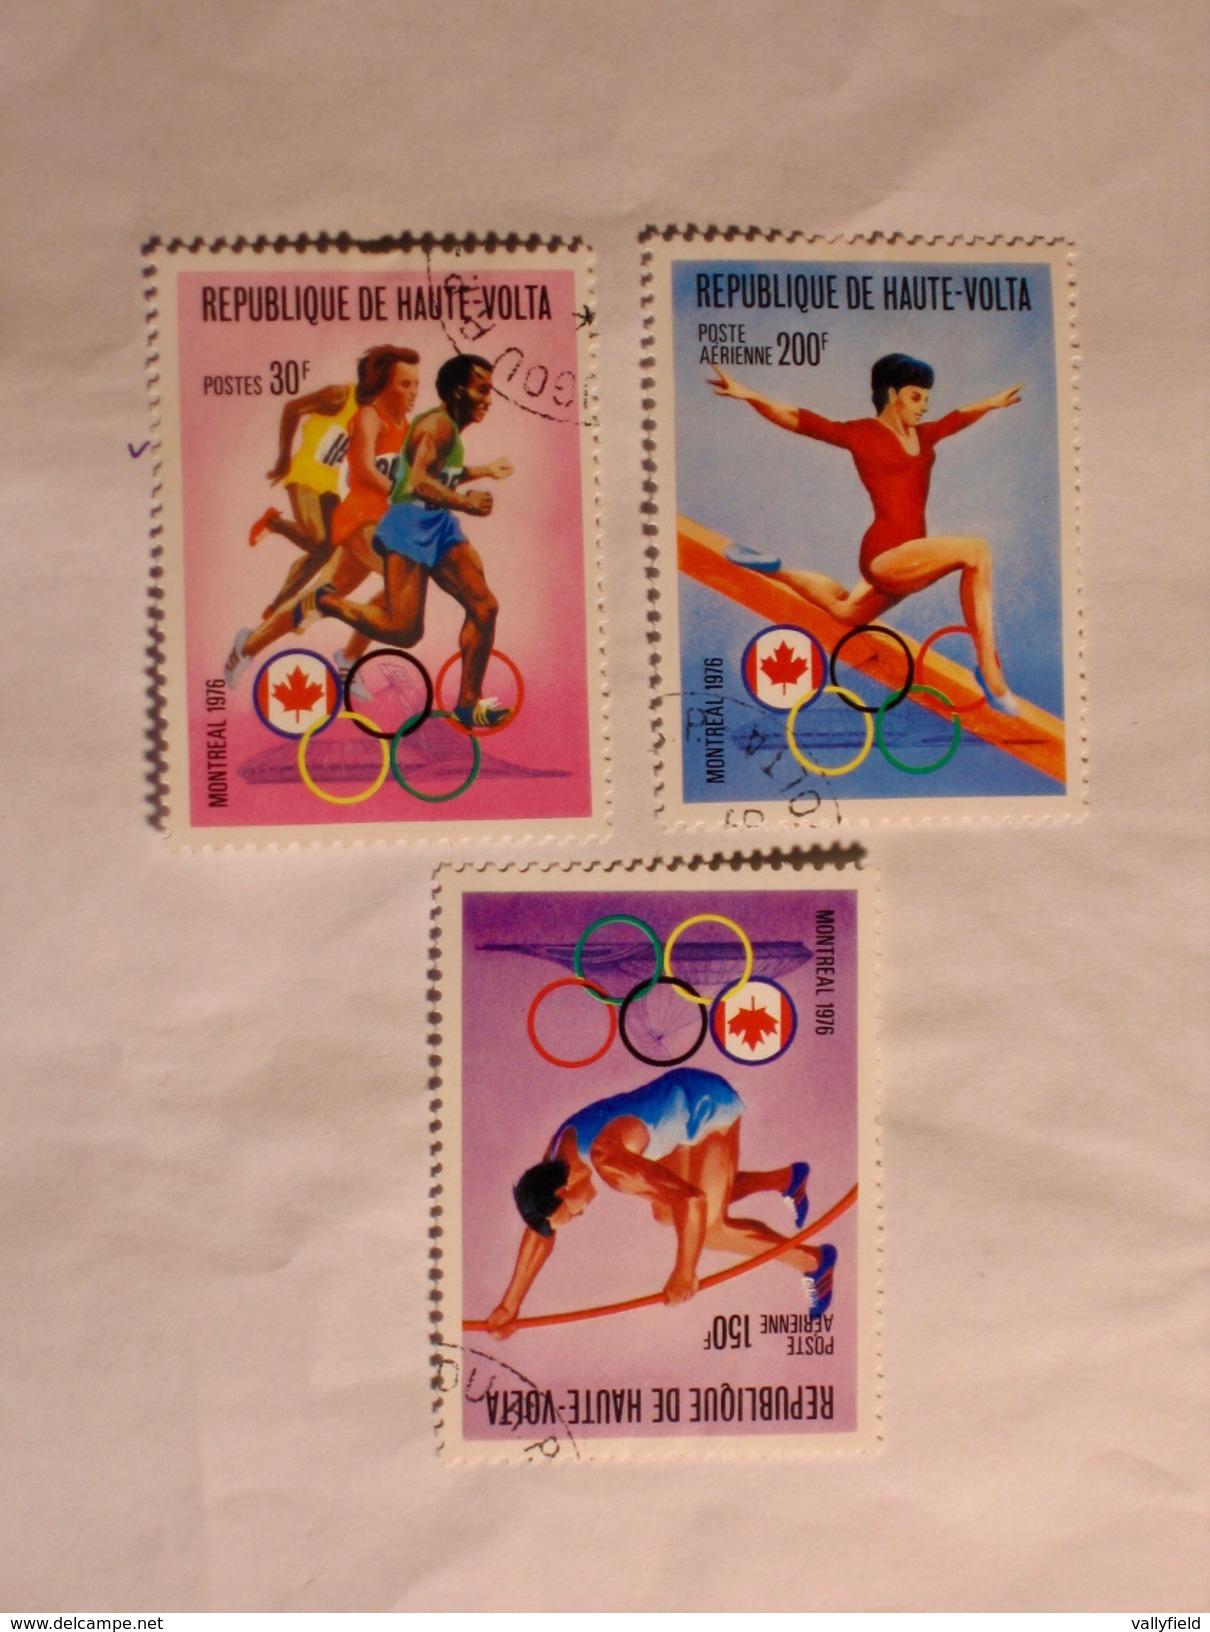 HAUTE-VOLTA  1976  LOT# 9  OLYMPIC - Haute-Volta (1958-1984)